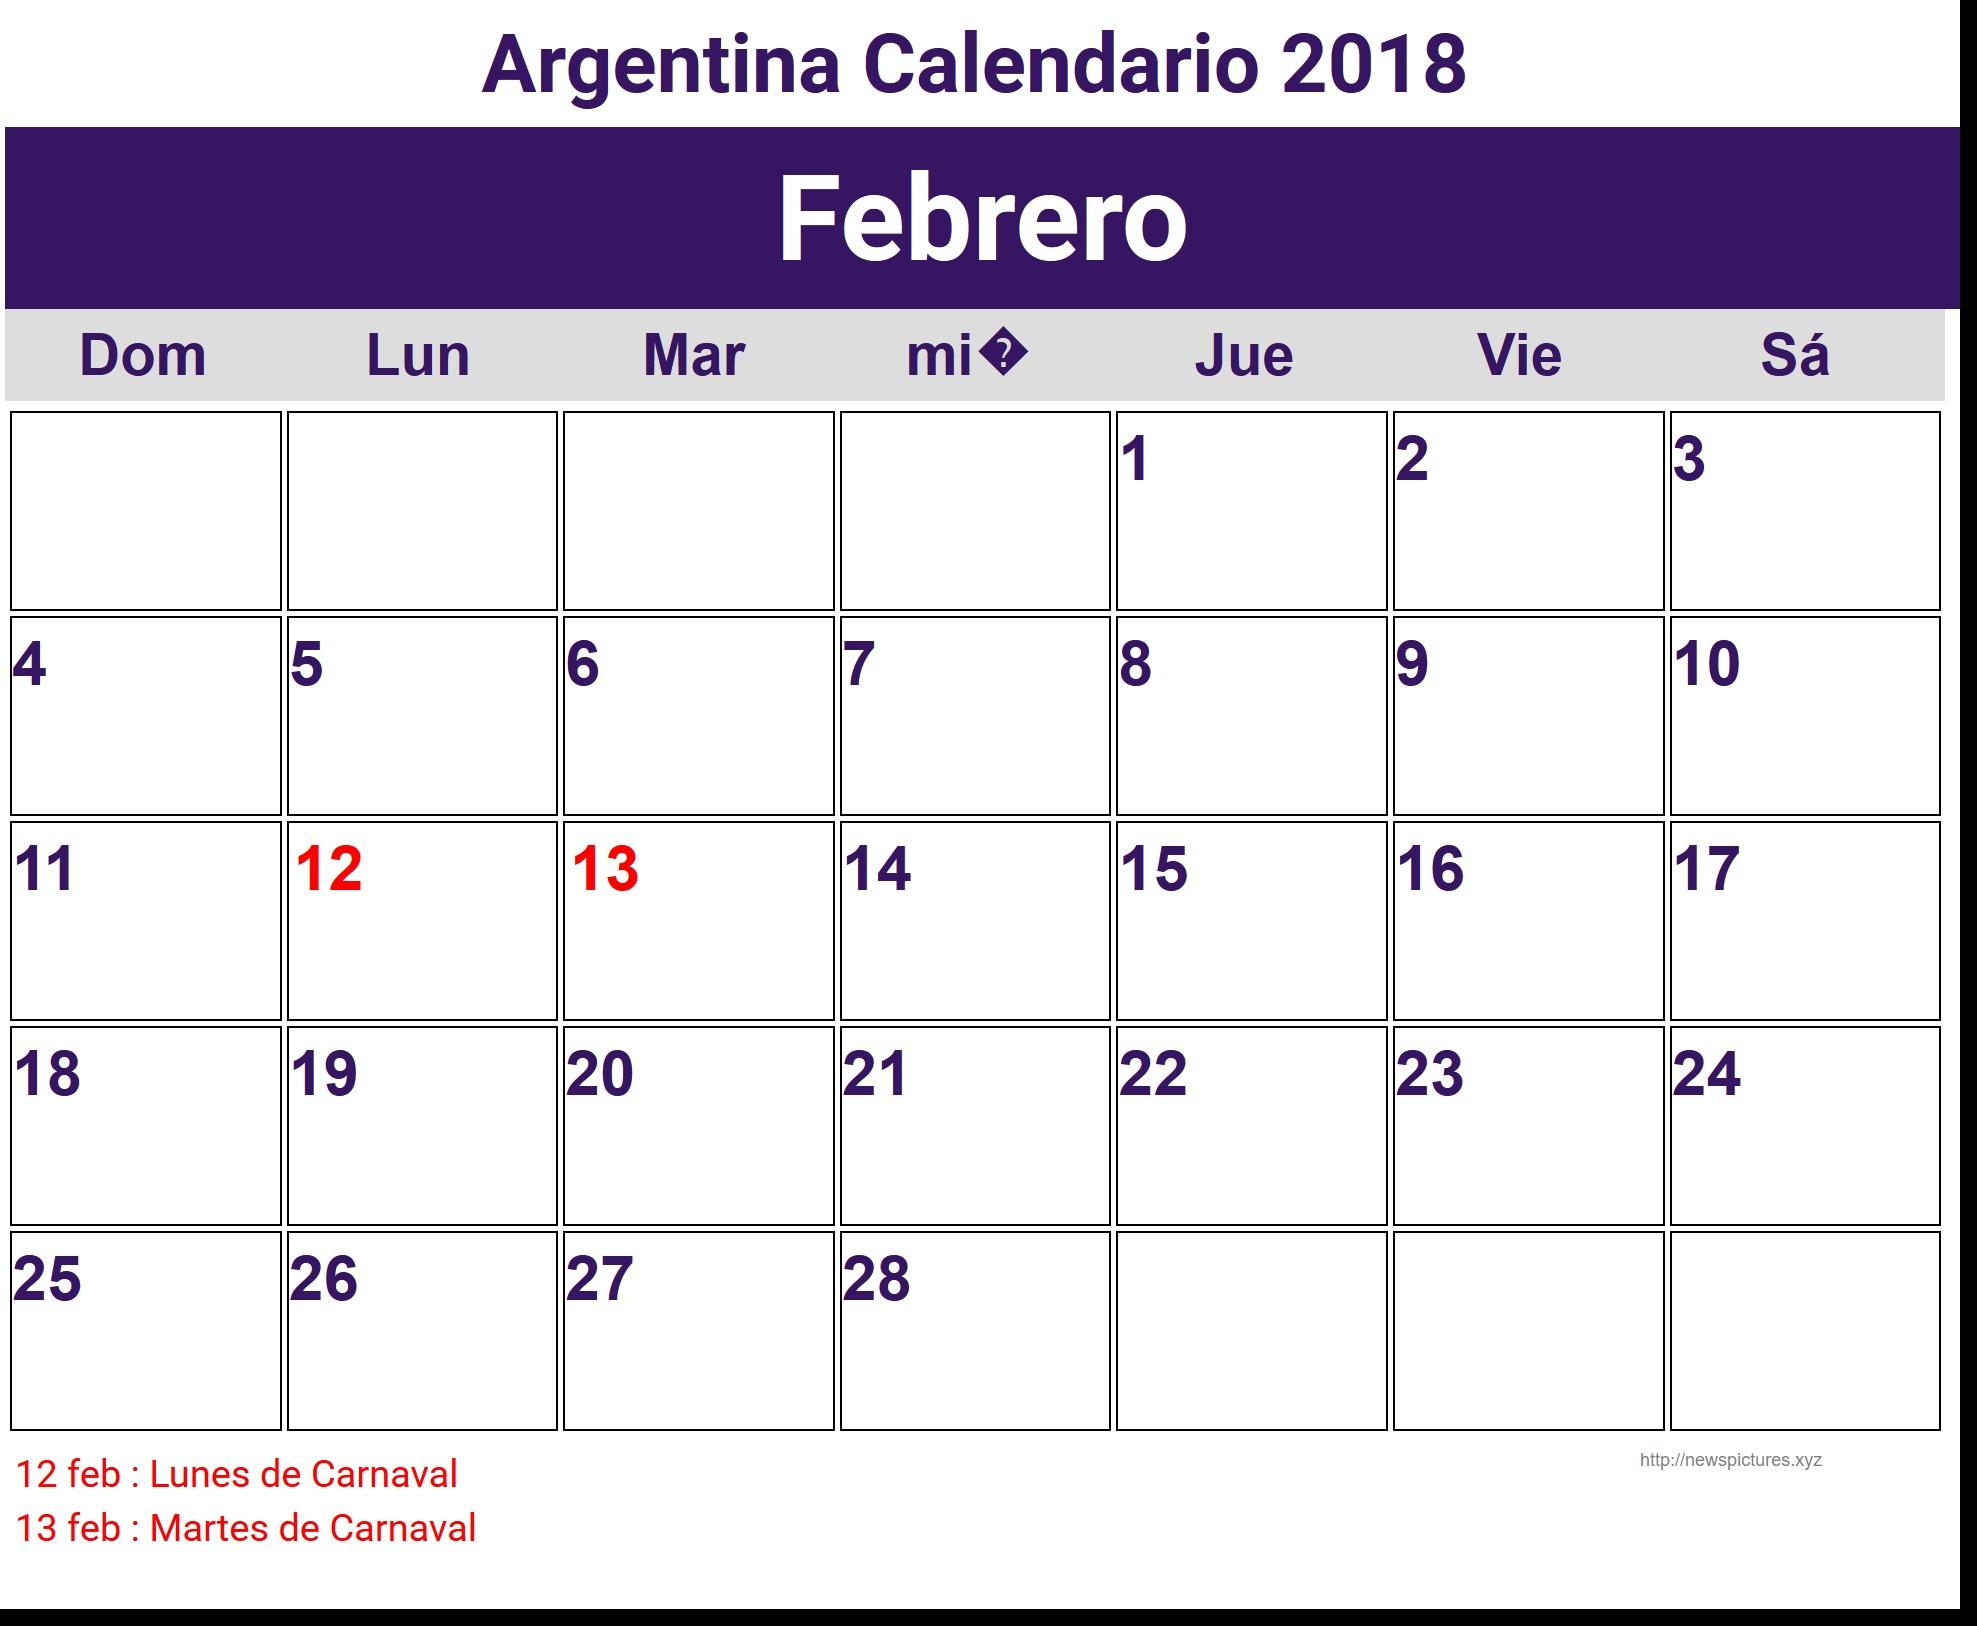 Calendario Planeador 2019 Colombia Para Imprimir Más Caliente Image for Febrero Argentina Calendario 2018 Of Calendario Planeador 2019 Colombia Para Imprimir Más Reciente Calendario Julio 2016 Con Notas Para Imprimir July Calendar